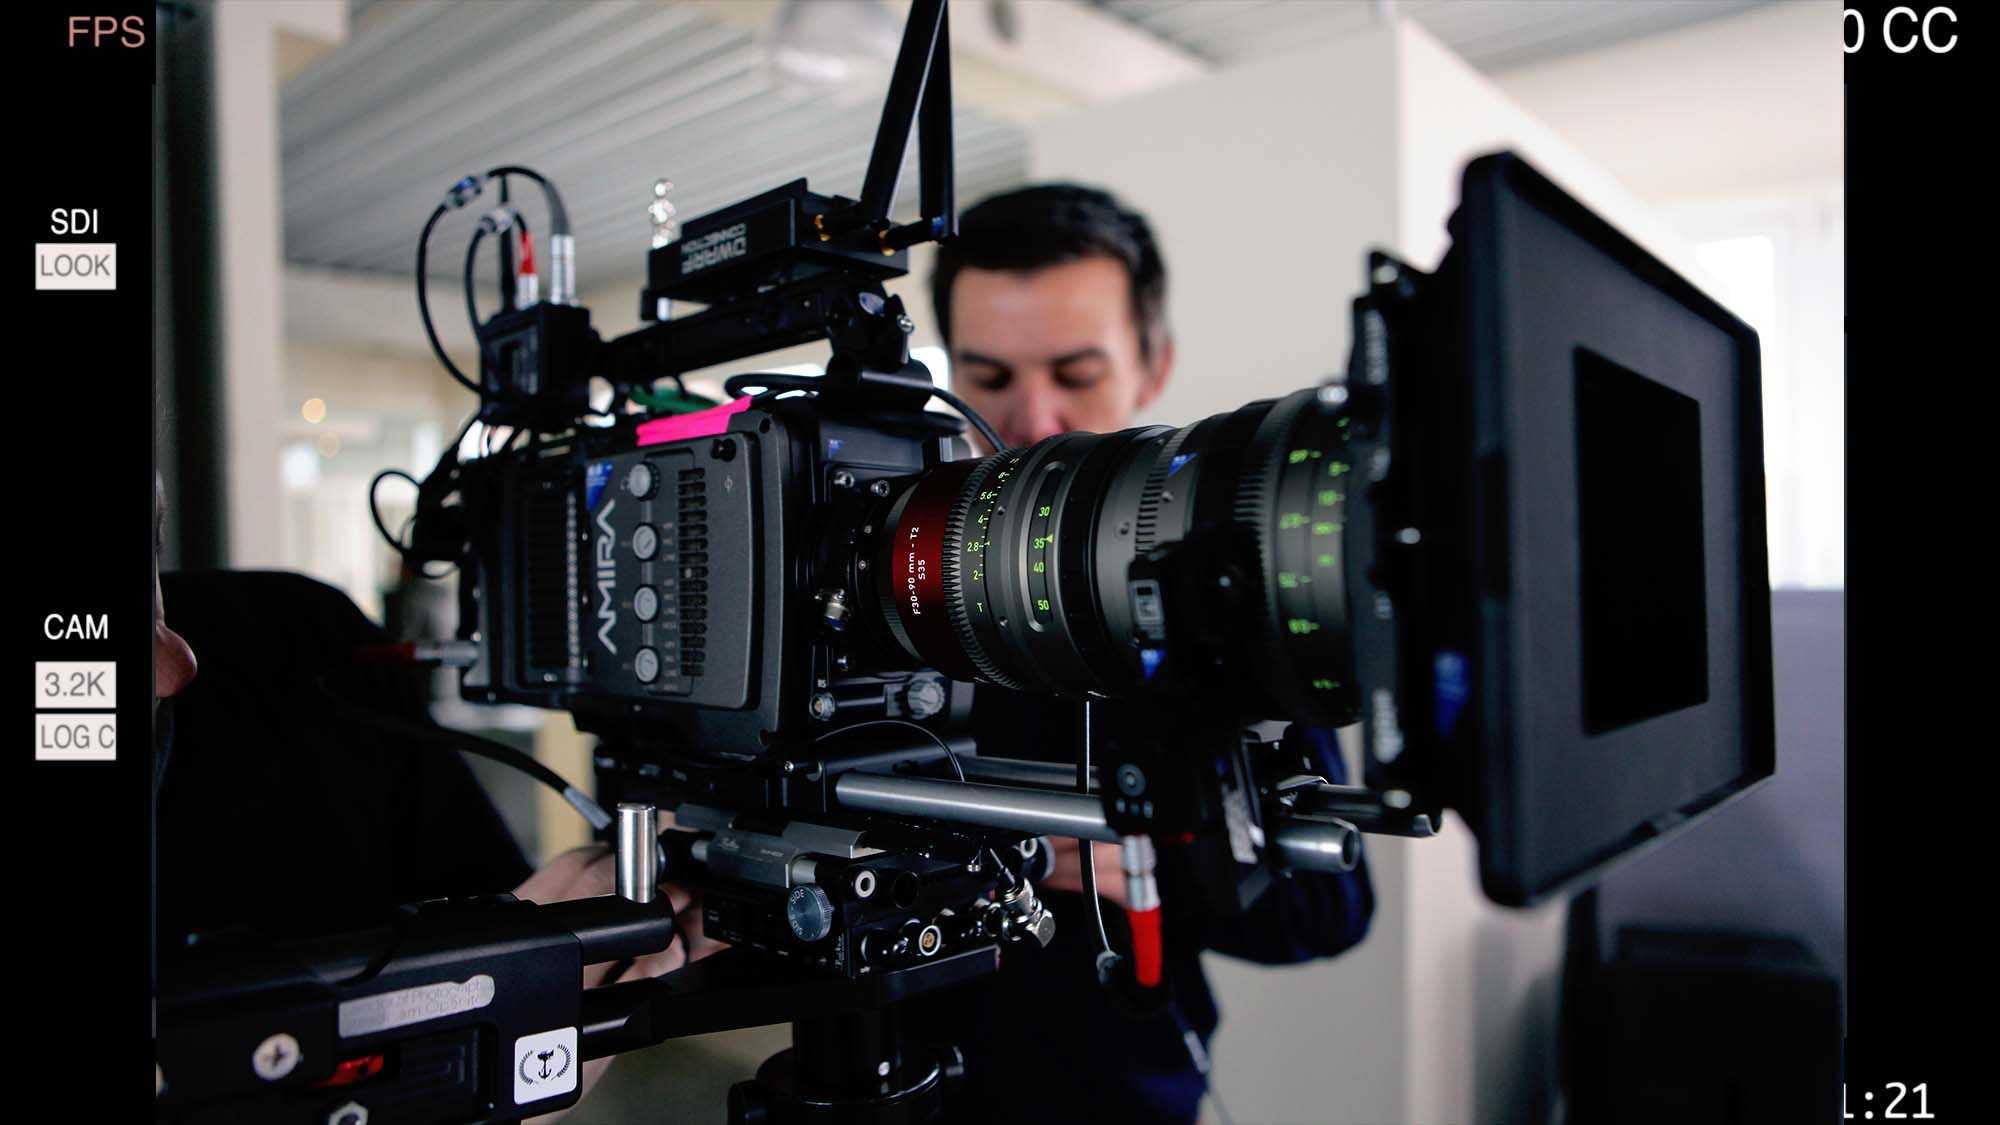 Das Bild zeigt einen Mann der hinter einer Kamera steht. Die Kamera ist seitlich zu sehen. Das Bild dient als Sliderbild für den Portfolioeintrag Yourfone - DRTV Spot von Panda Pictures.